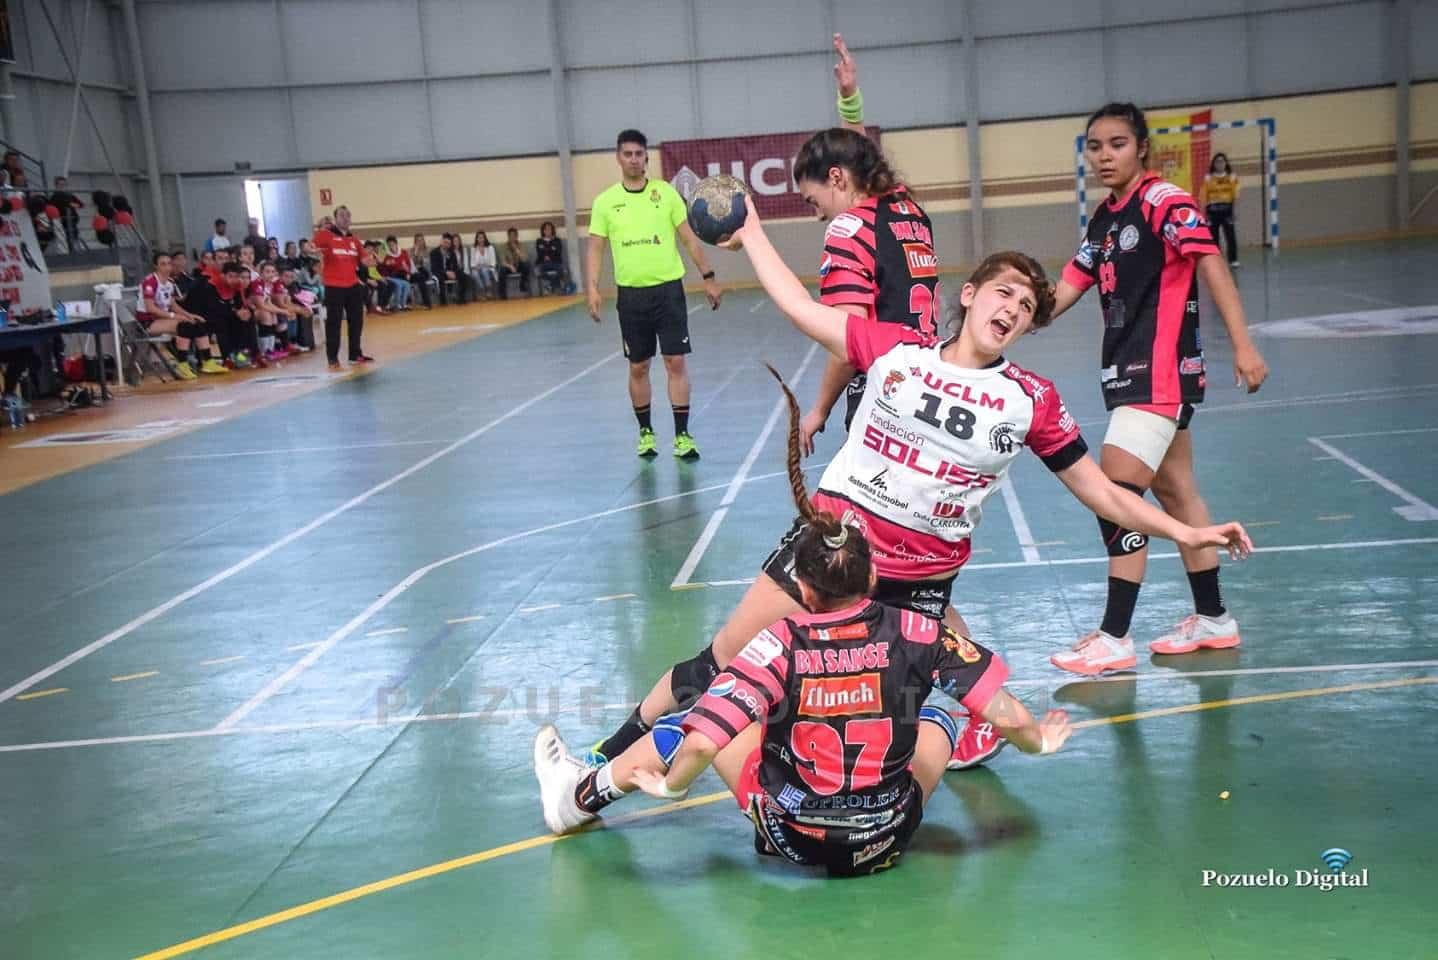 balonmano pozuelo digital3 - María Mercedes Ramírez del Pozo Mora mejor defensa del Sector Nacional Juvenil Femenino de balonmano celebrado en Pozuelo